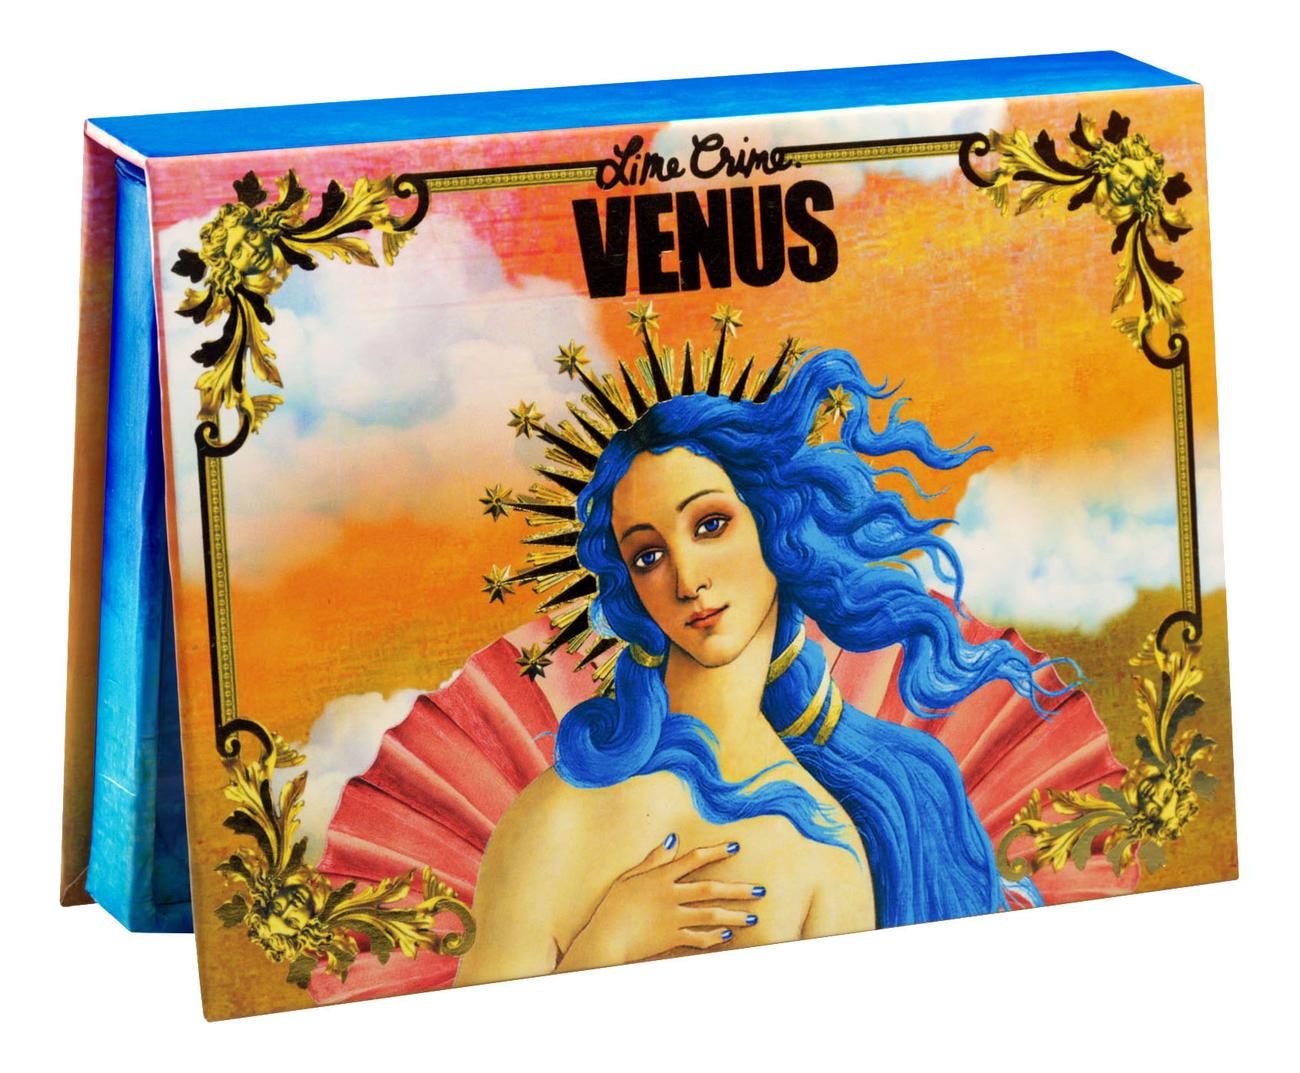 Палетка теней Venus Palettes 16г lime crime палетка теней prelude exposed